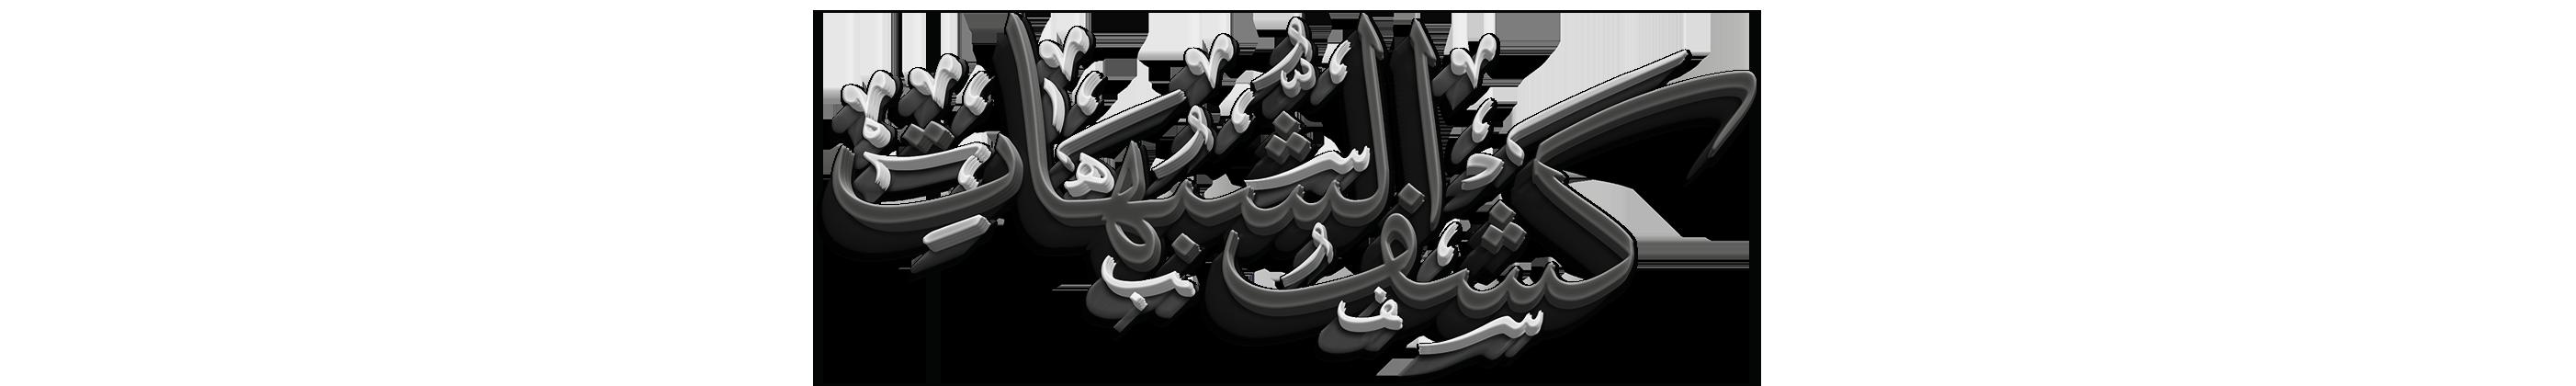 شرح شرح كشف الشبهات لشيخ الإسلام محمد بن عبد الوهّاب